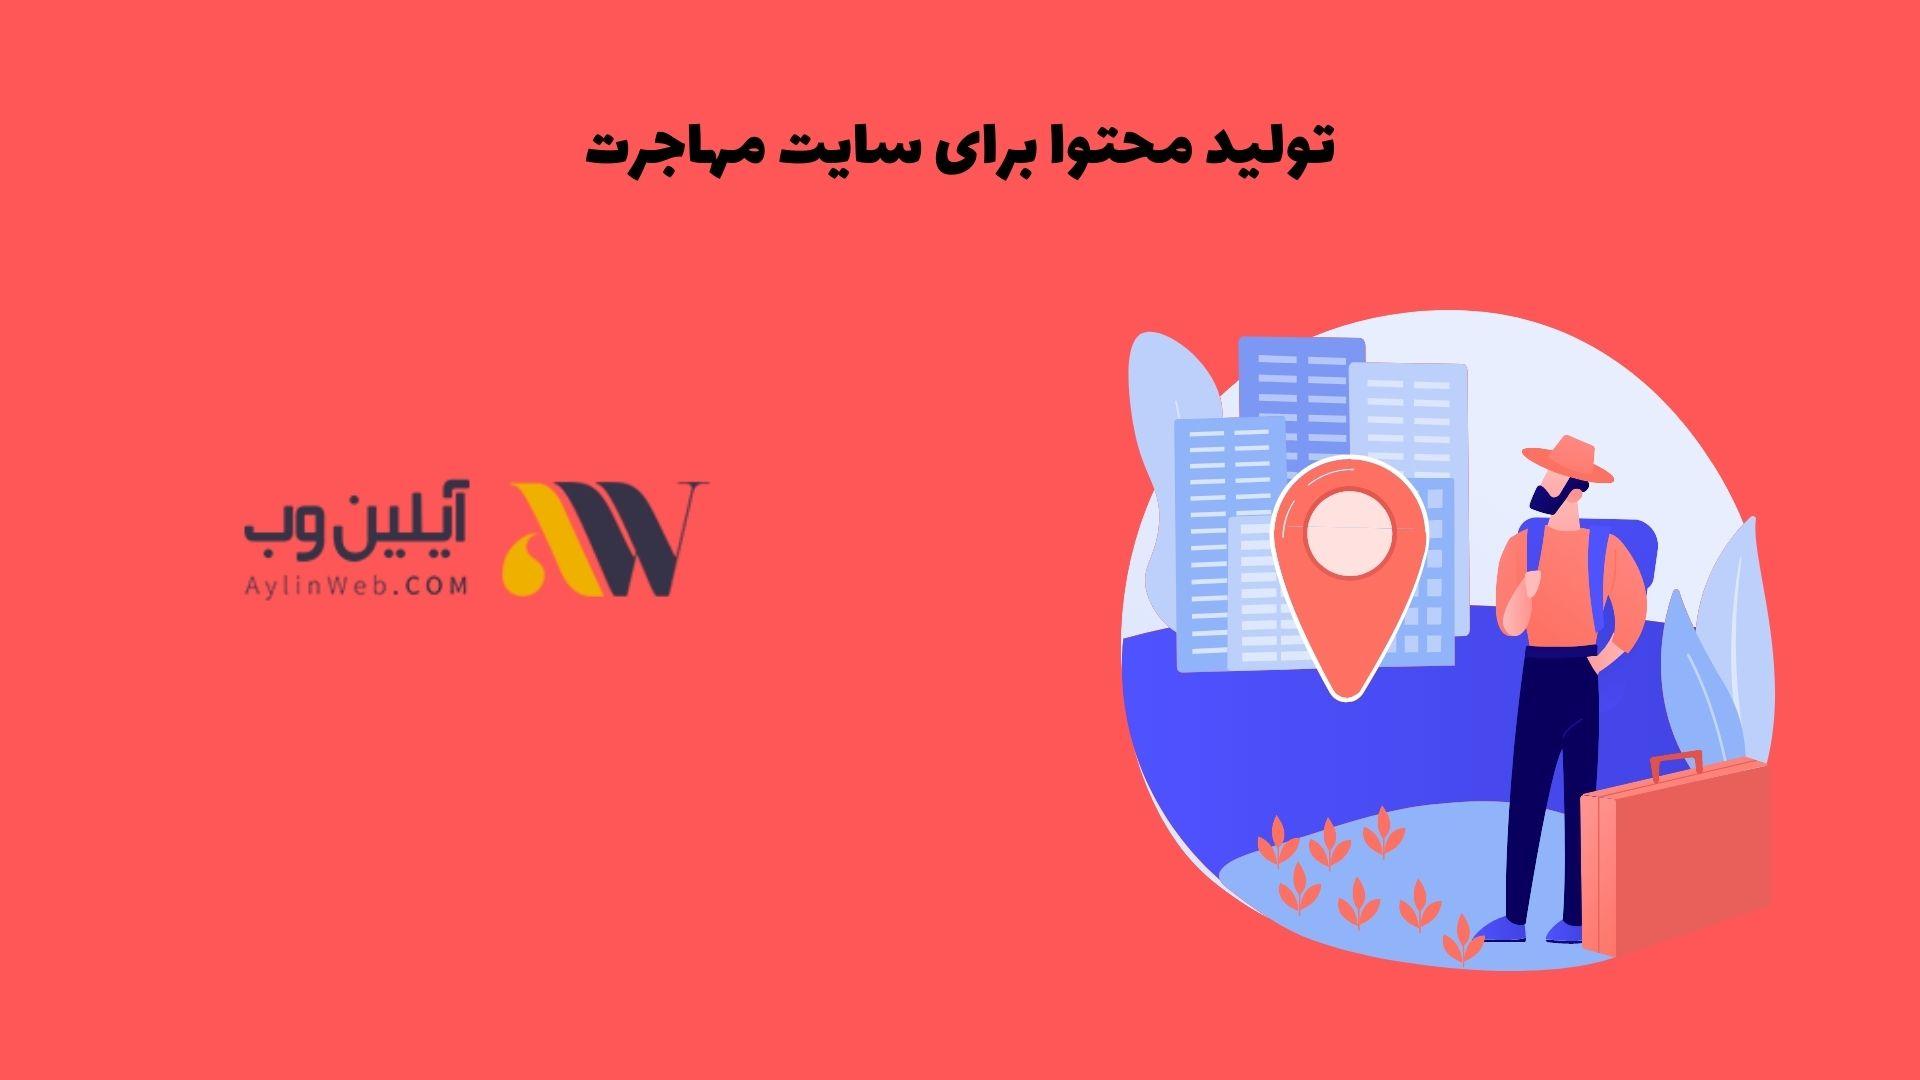 تولید محتوا برای سایت مهاجرت